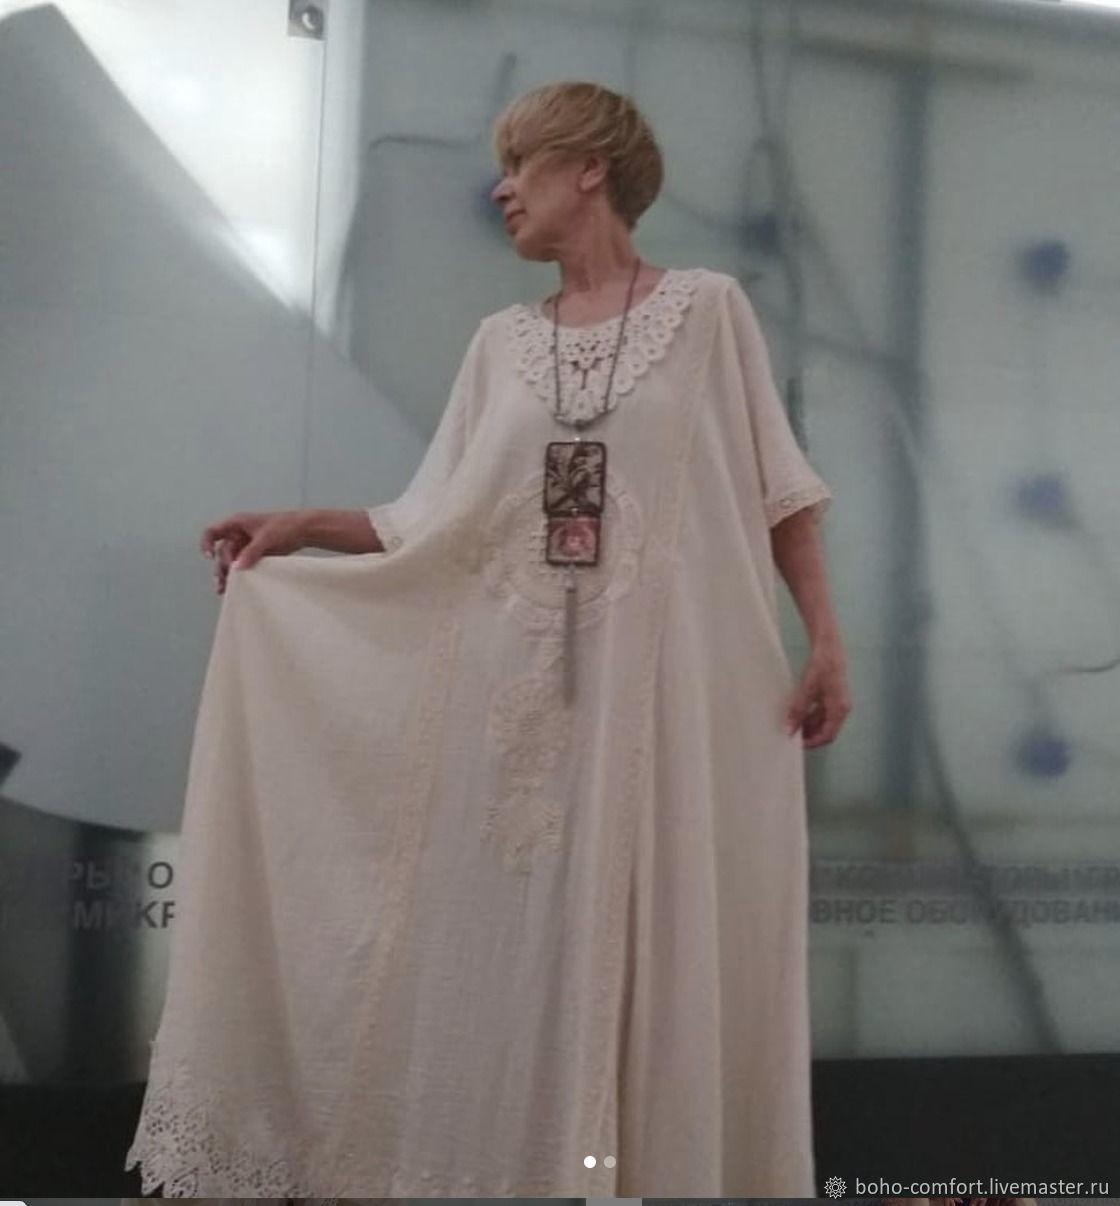 Сливочное платье лен с ришелье, 70 размер, Платья, Москва,  Фото №1